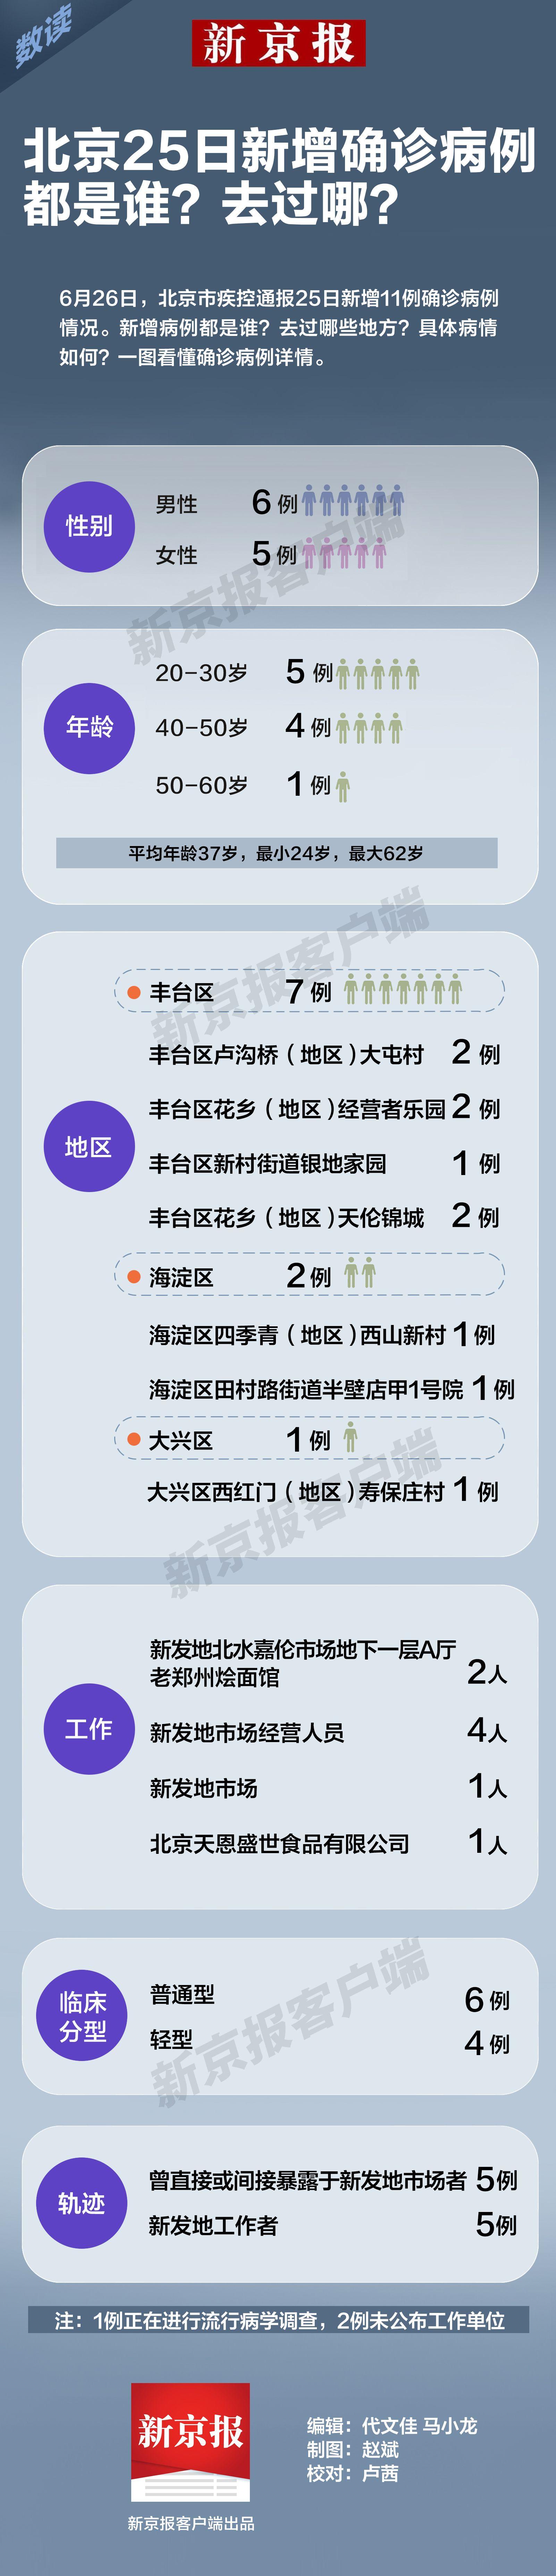 摩天娱乐北京2摩天娱乐5日新增确诊病图片